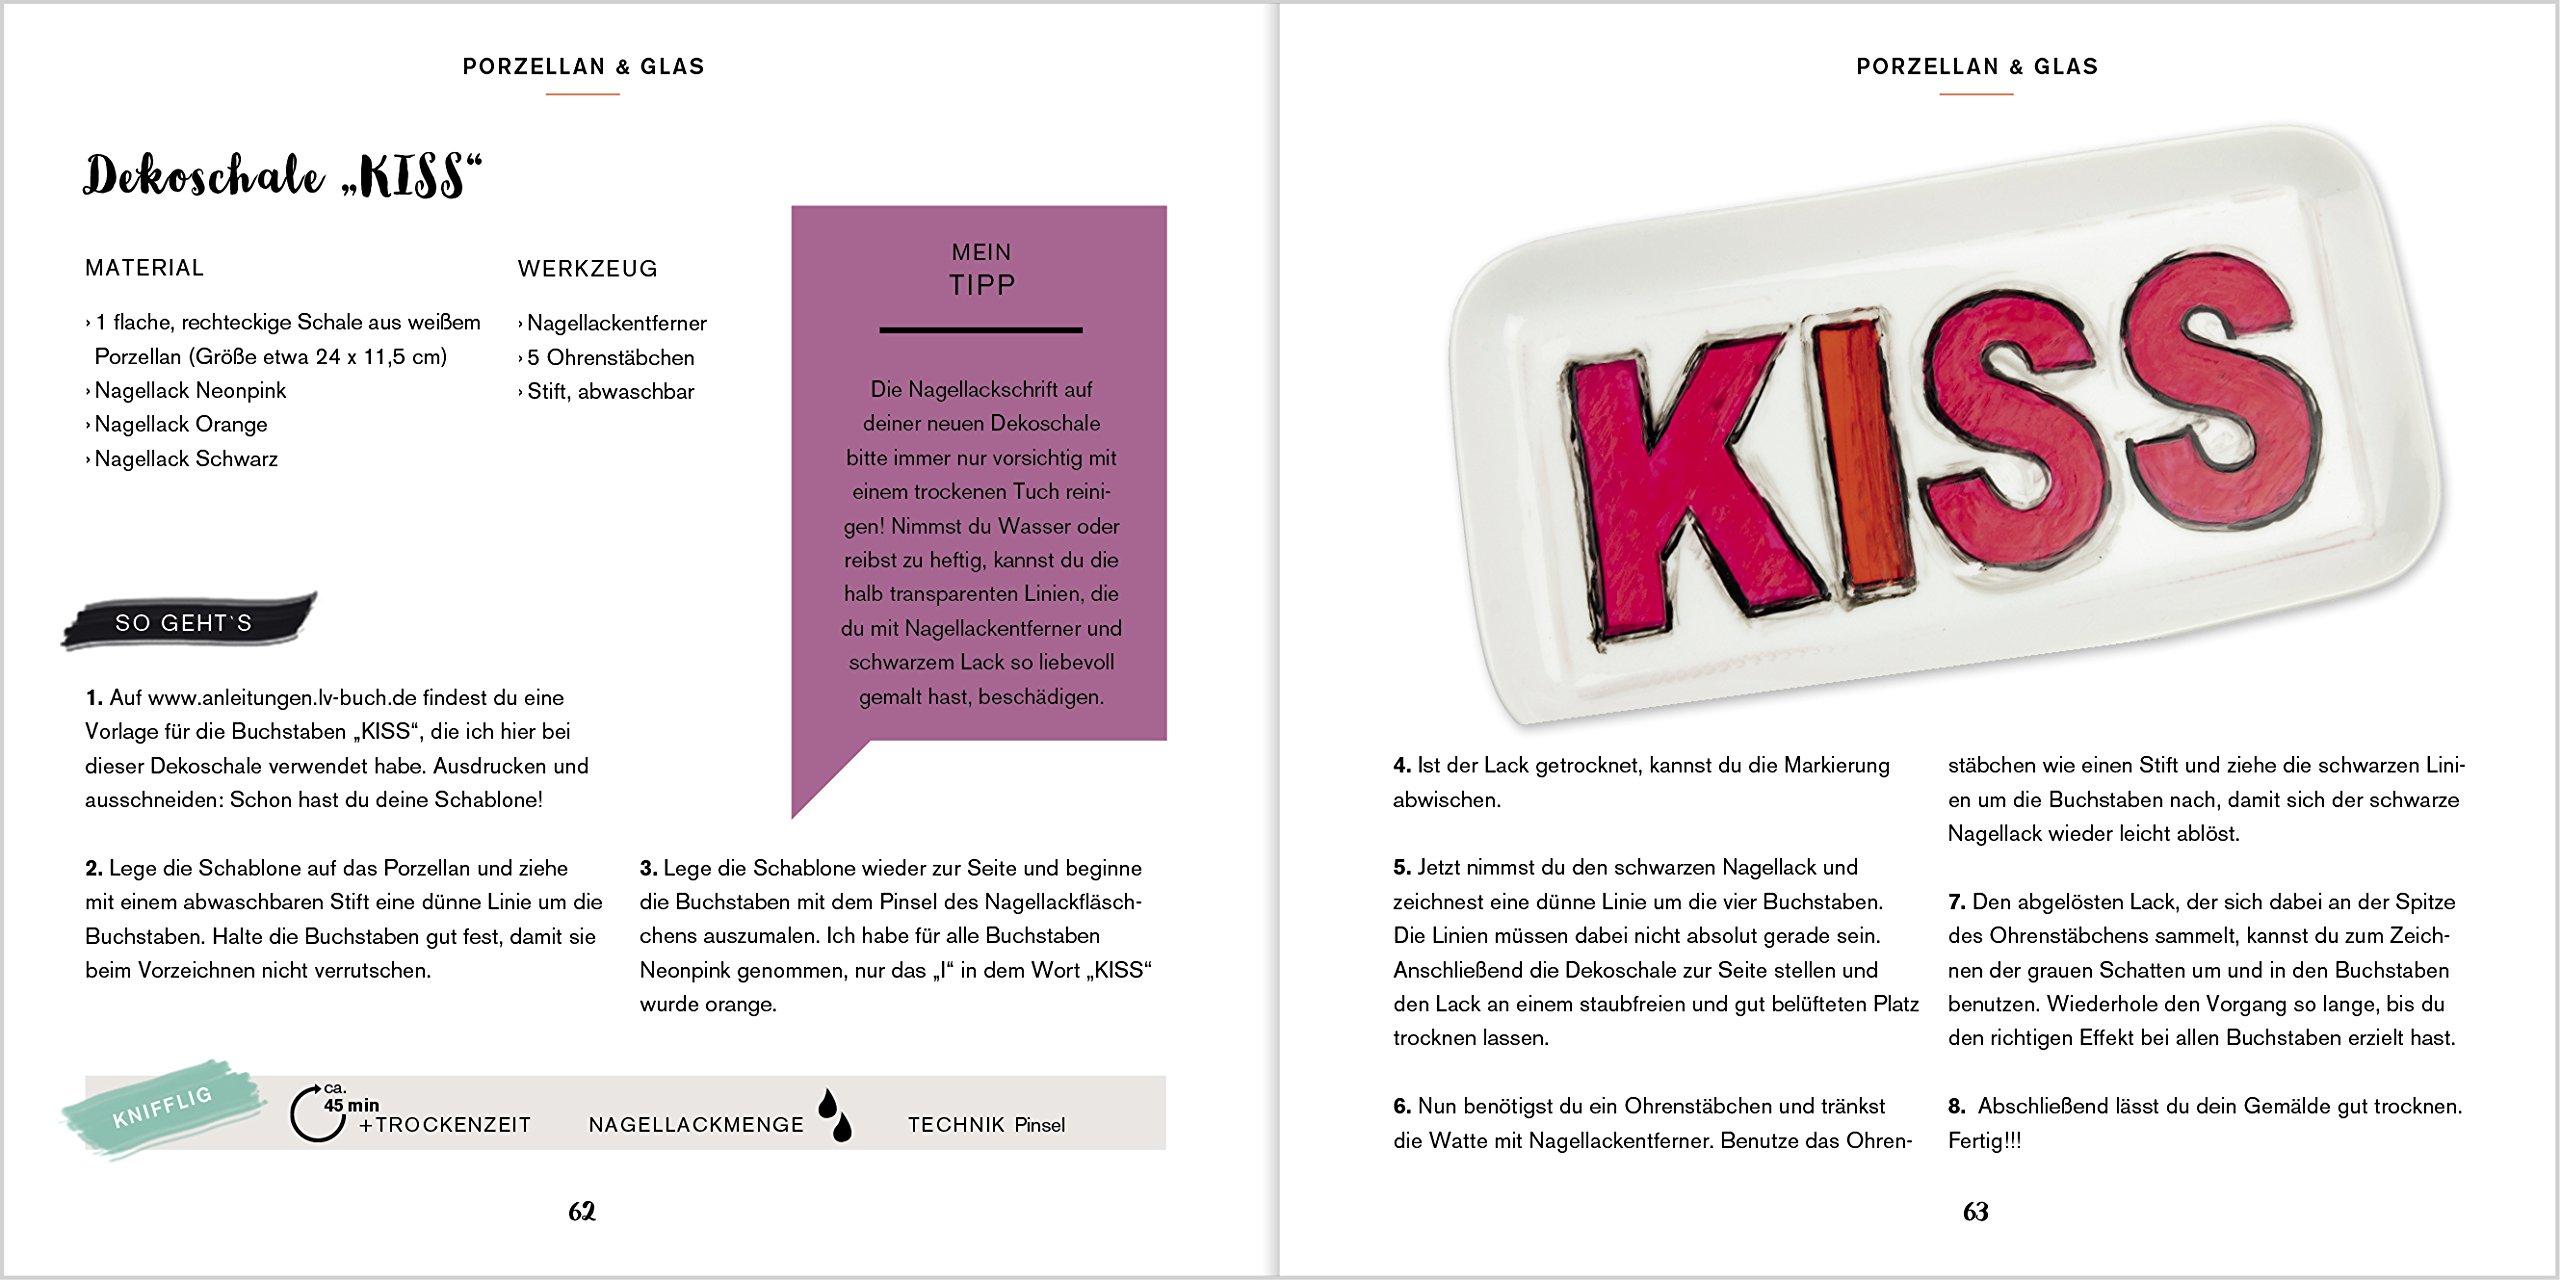 Groß Buchvorlage Wort Zeitgenössisch - Bilder für das Lebenslauf ...